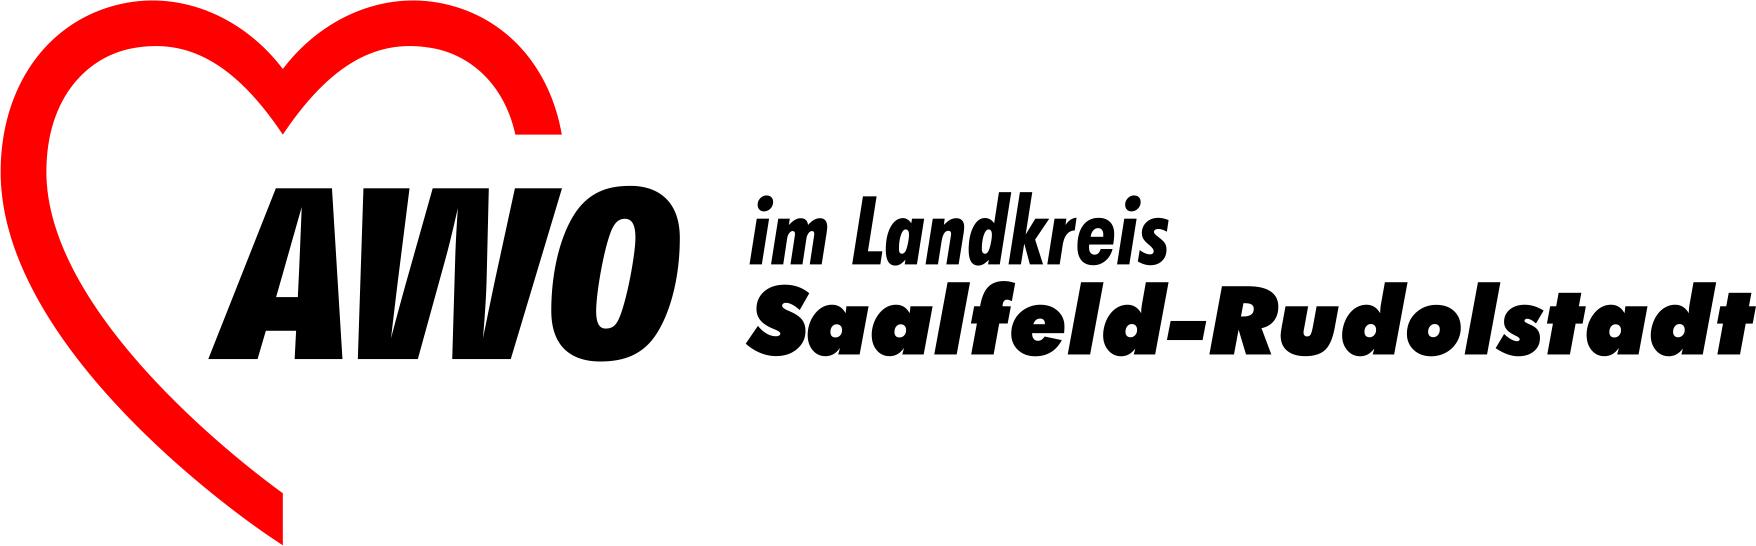 Arbeiterwohlfahrt Saalfeld